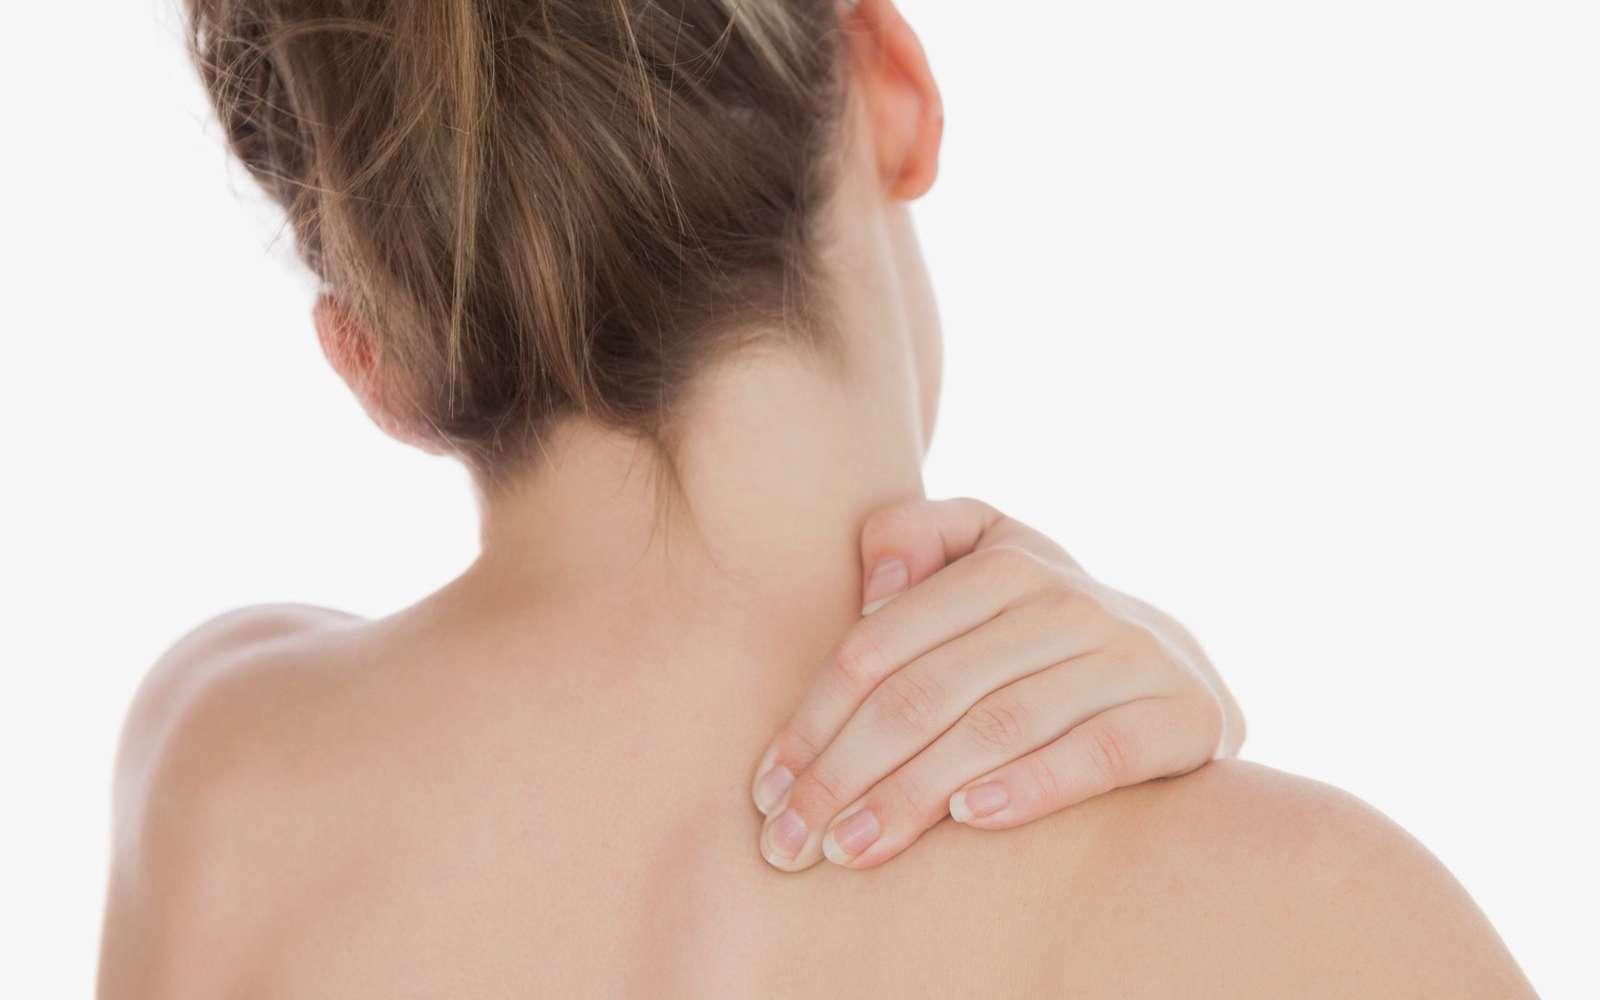 Як лікувати вивих плеча?